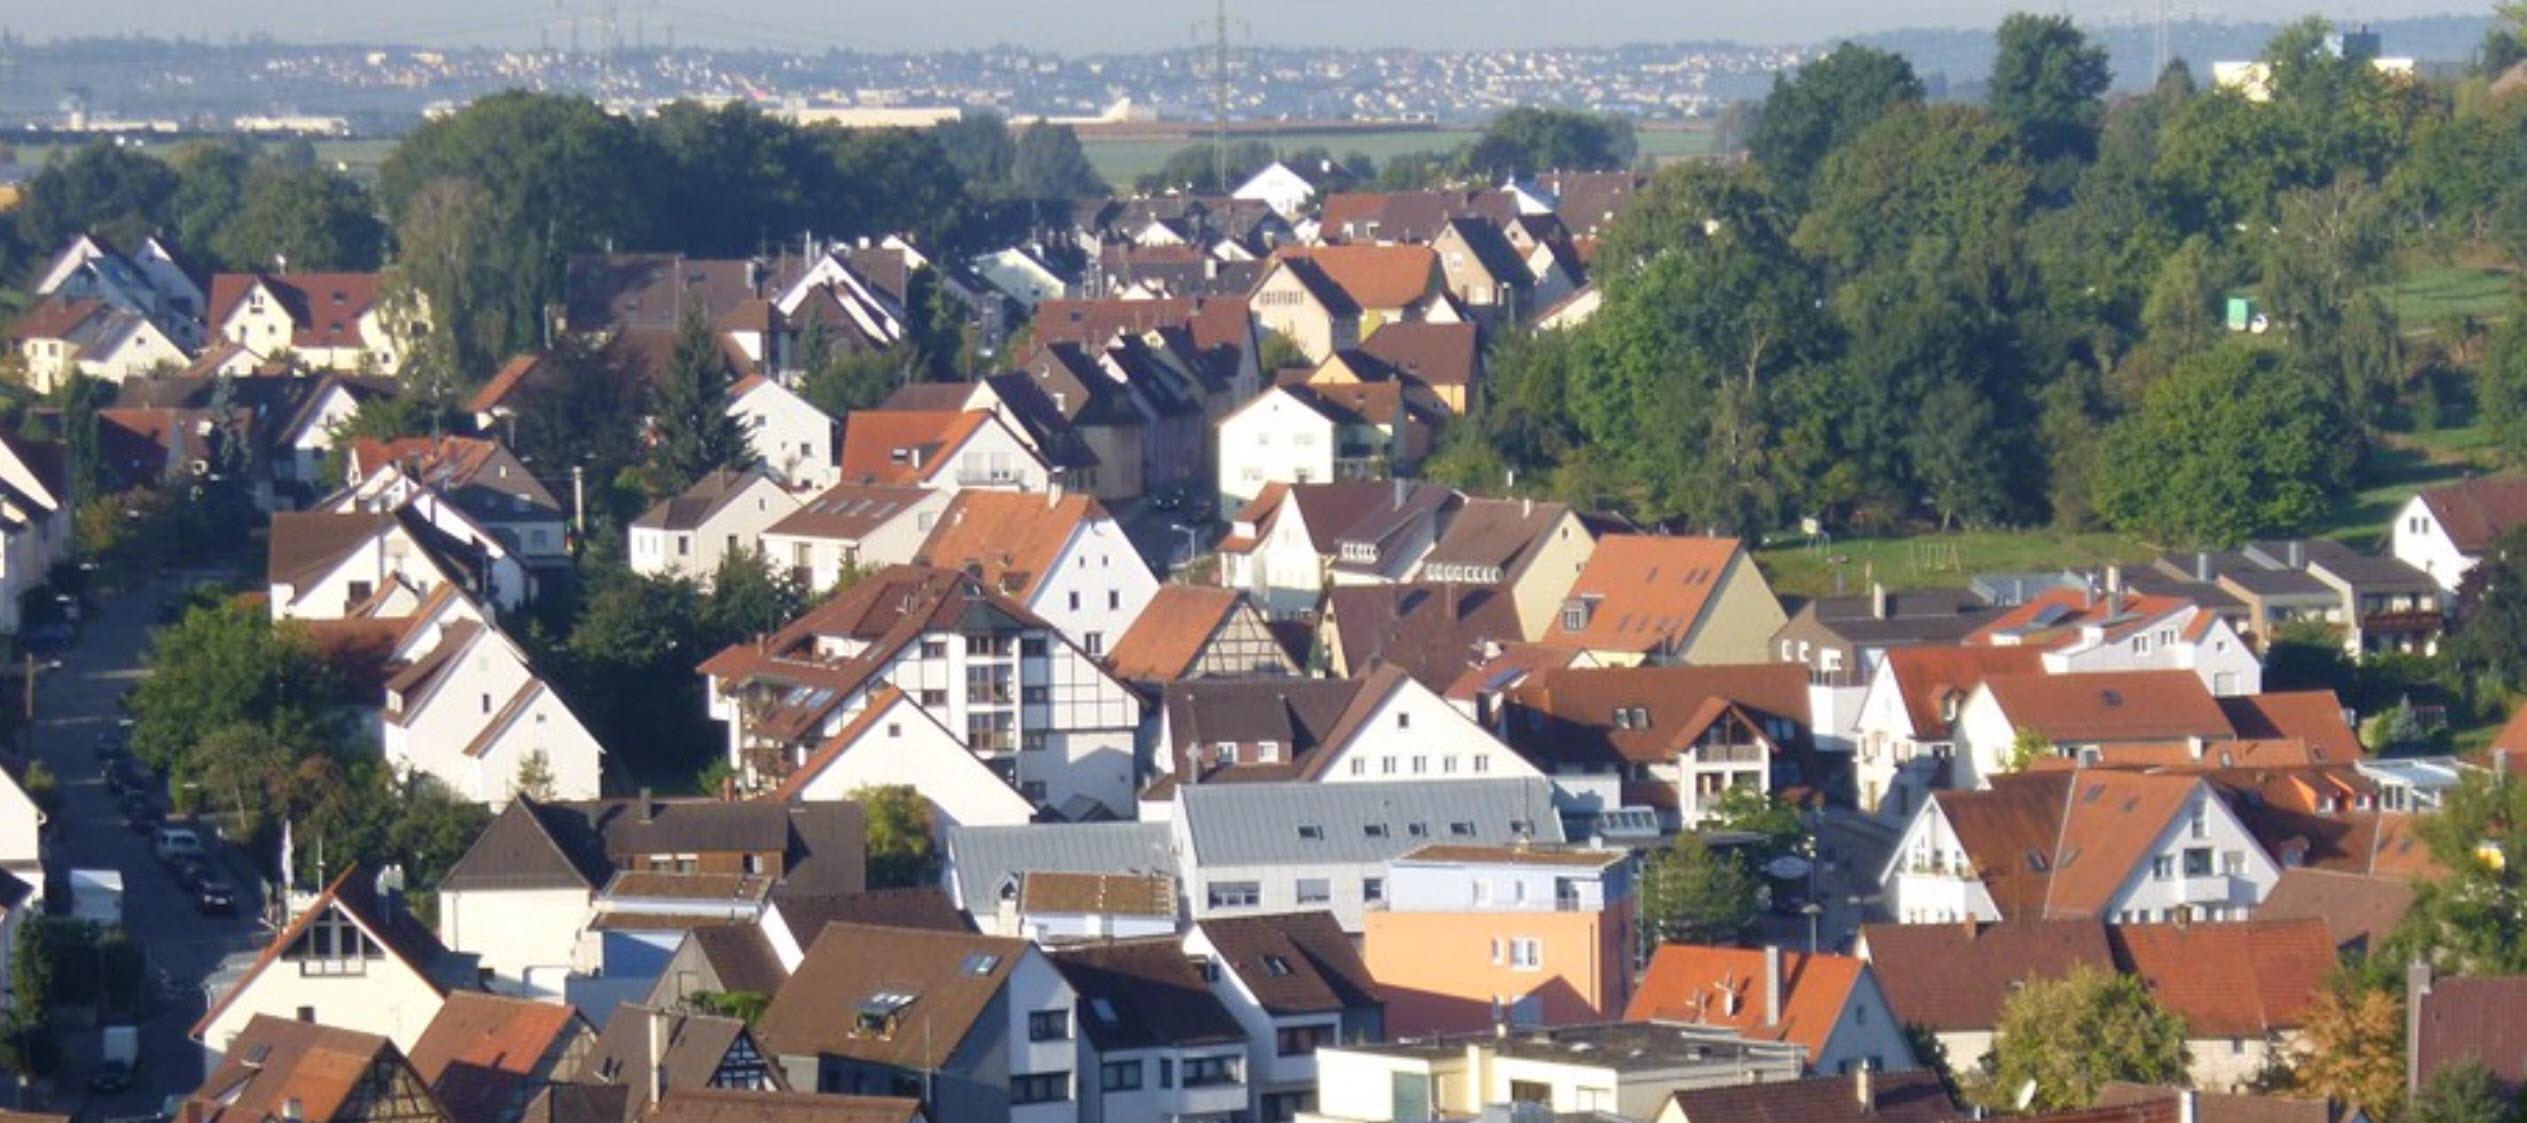 Scharnhausen.jpg